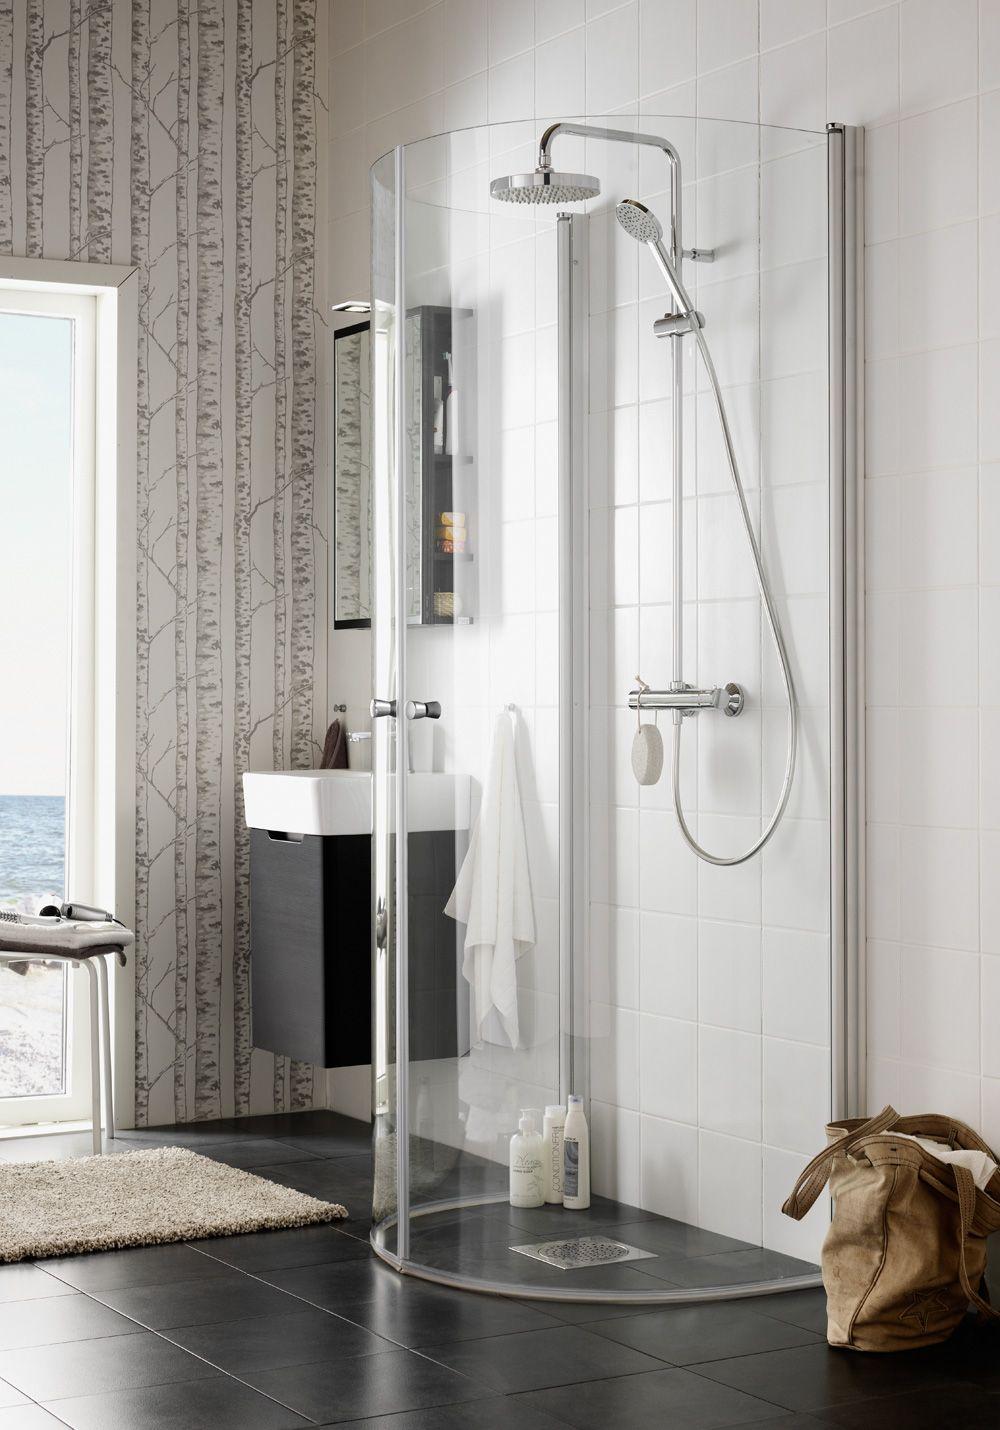 Hafa Igloo Wall Duschhörn. Igloo Wall passar dig som har speciella krav på placering och funktion, eftersom duschen kan monteras på flera olika sätt. Igloo Wall är en elegant duschhörna som kan placeras i ett hörn eller direkt på vägg. Perfekt för det lilla badrummet då bägge dörrar är fullt svängbara och tar därmed minimalt med plats när duschen inte används.